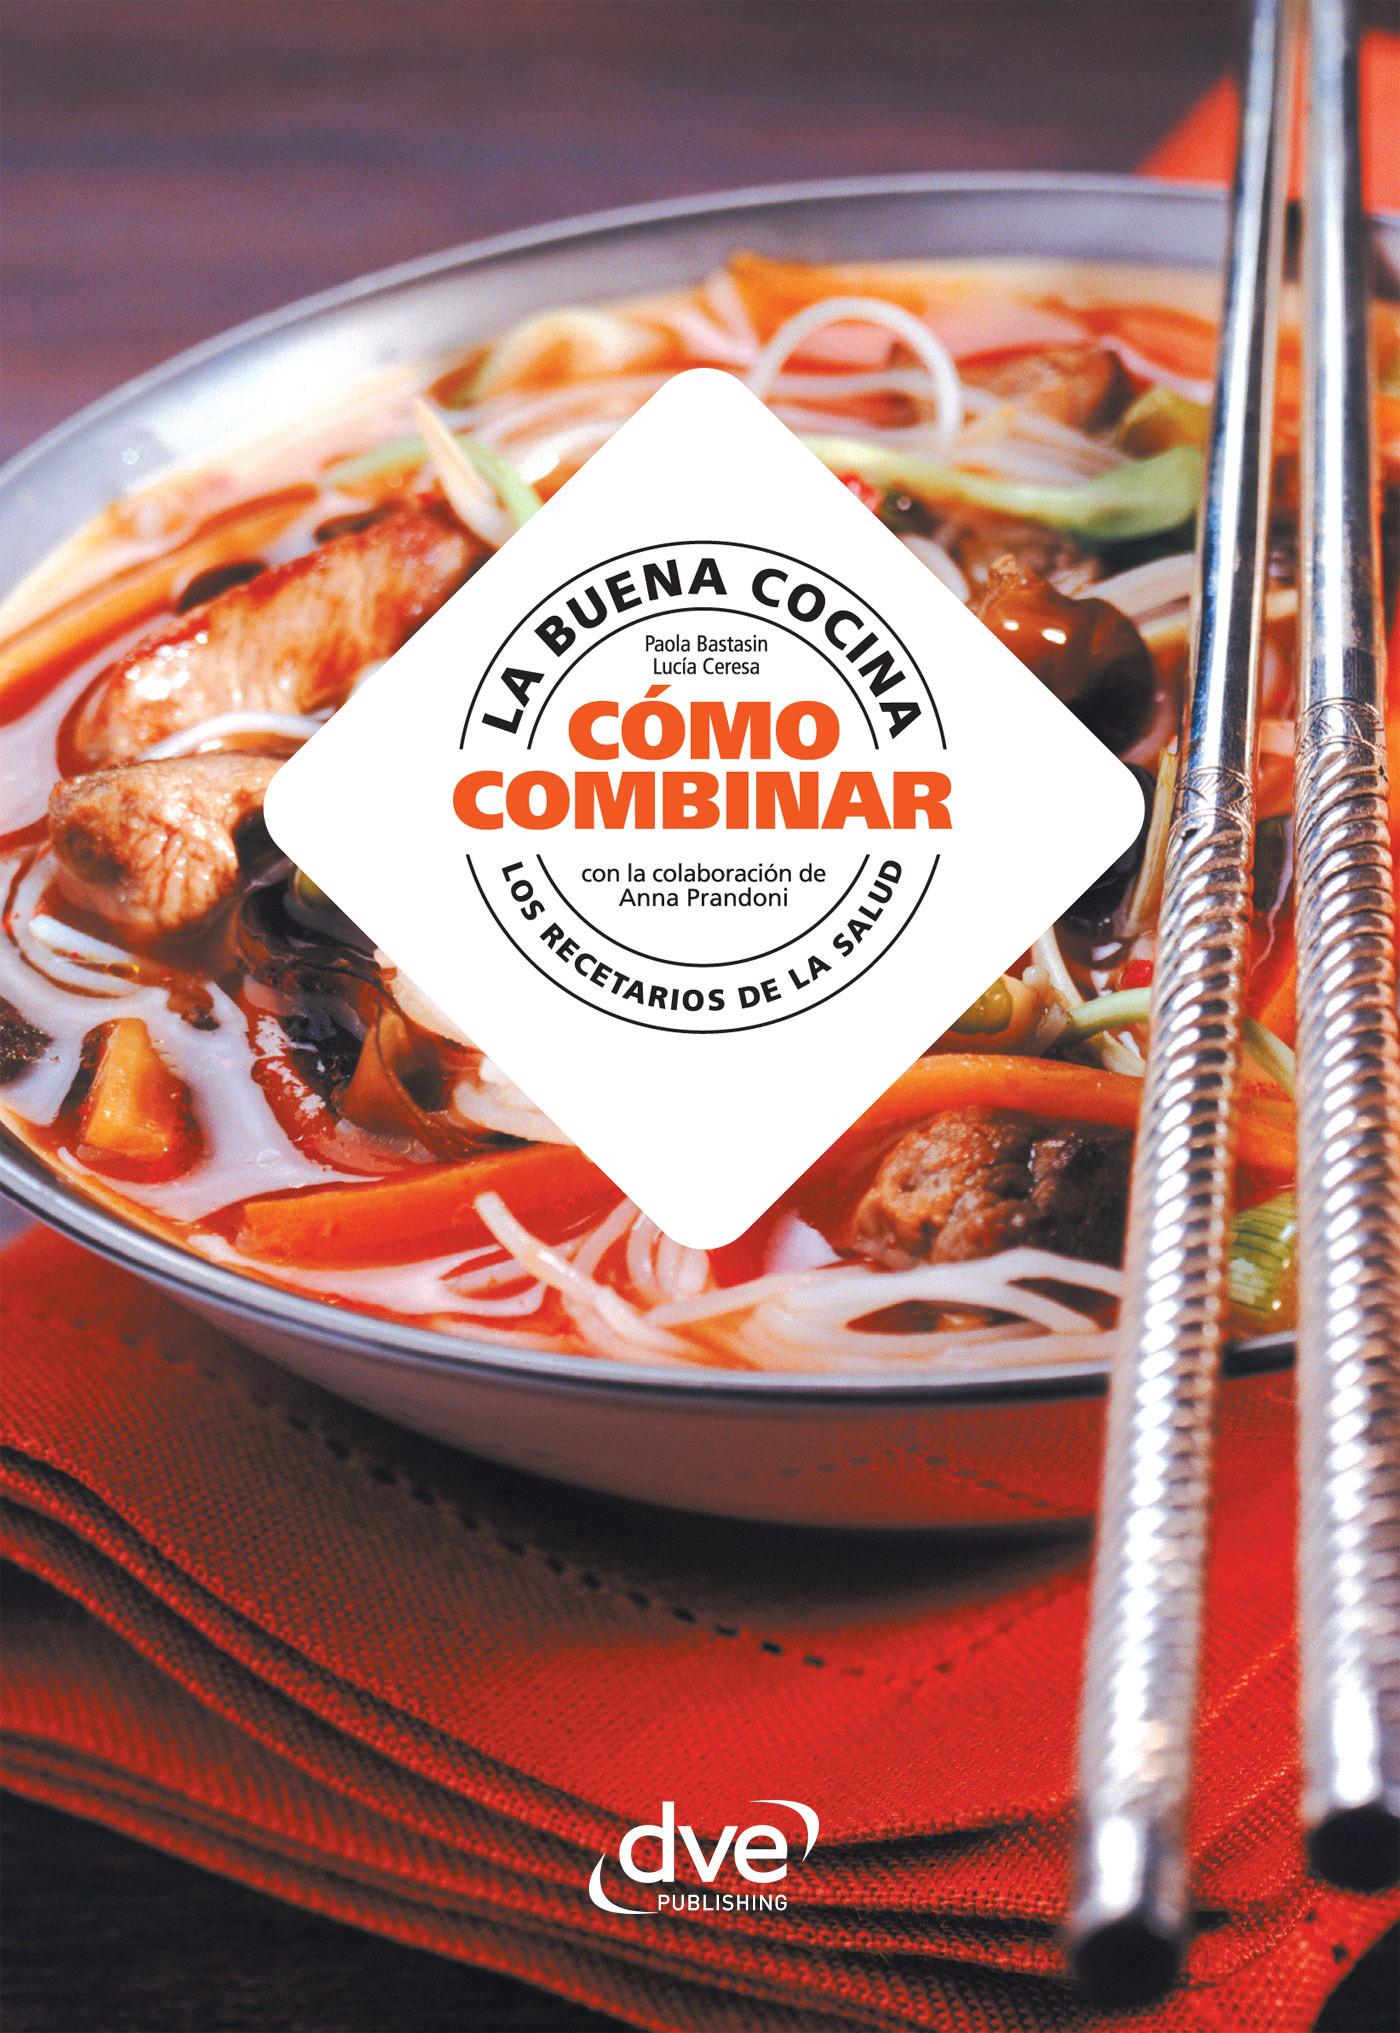 Bastasin, Paola - La buena cocina, cómo combinar, ebook